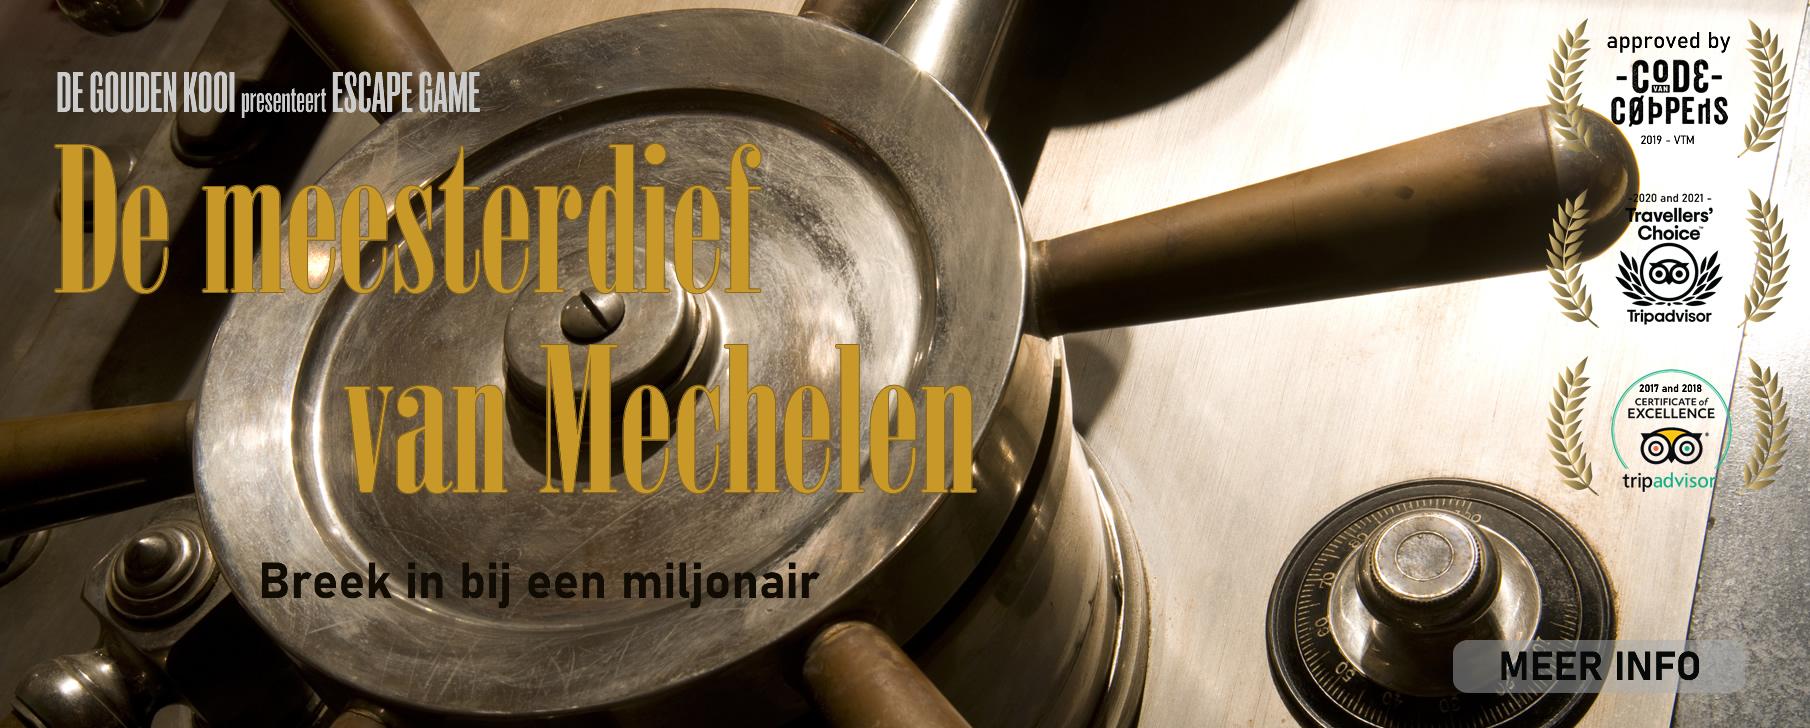 Escape game De Gouden Kooi - De meesterdief van Mechelen